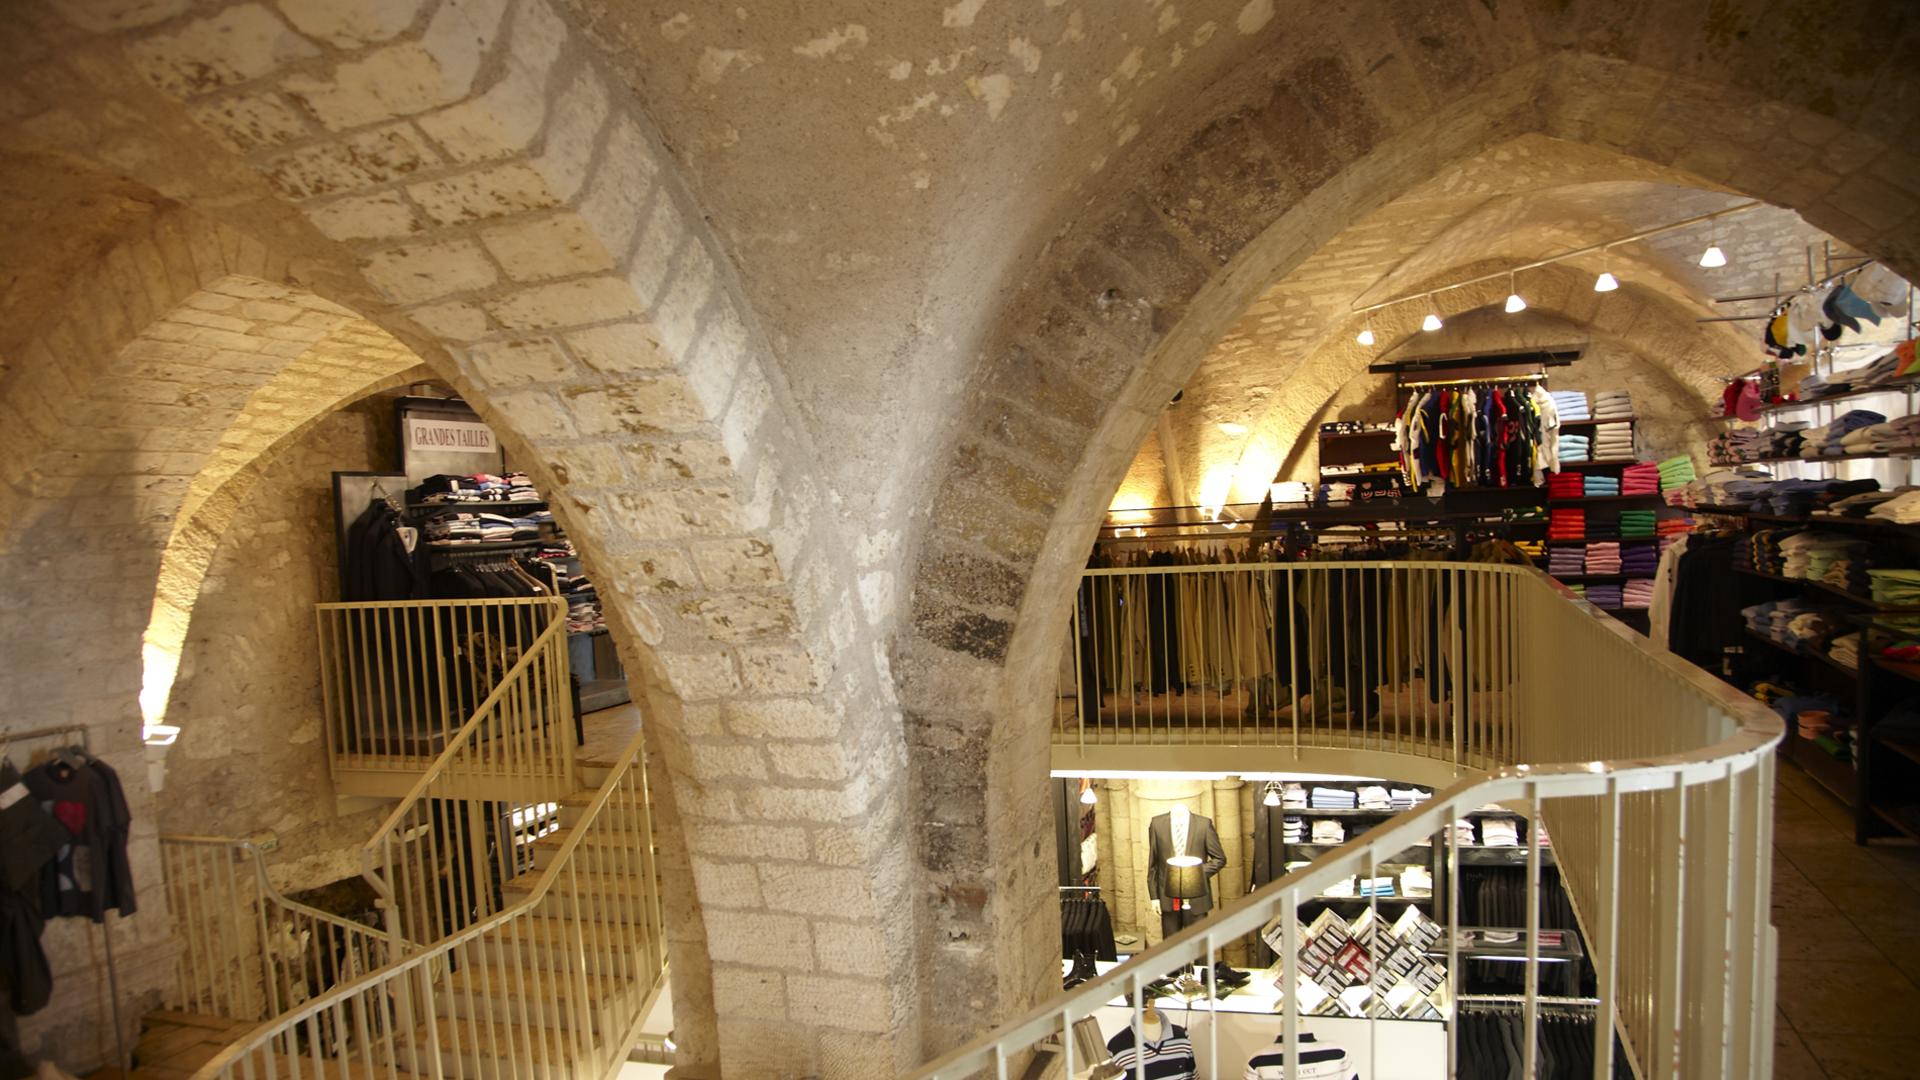 Vue intérieur de Covent Gardent à Chartres